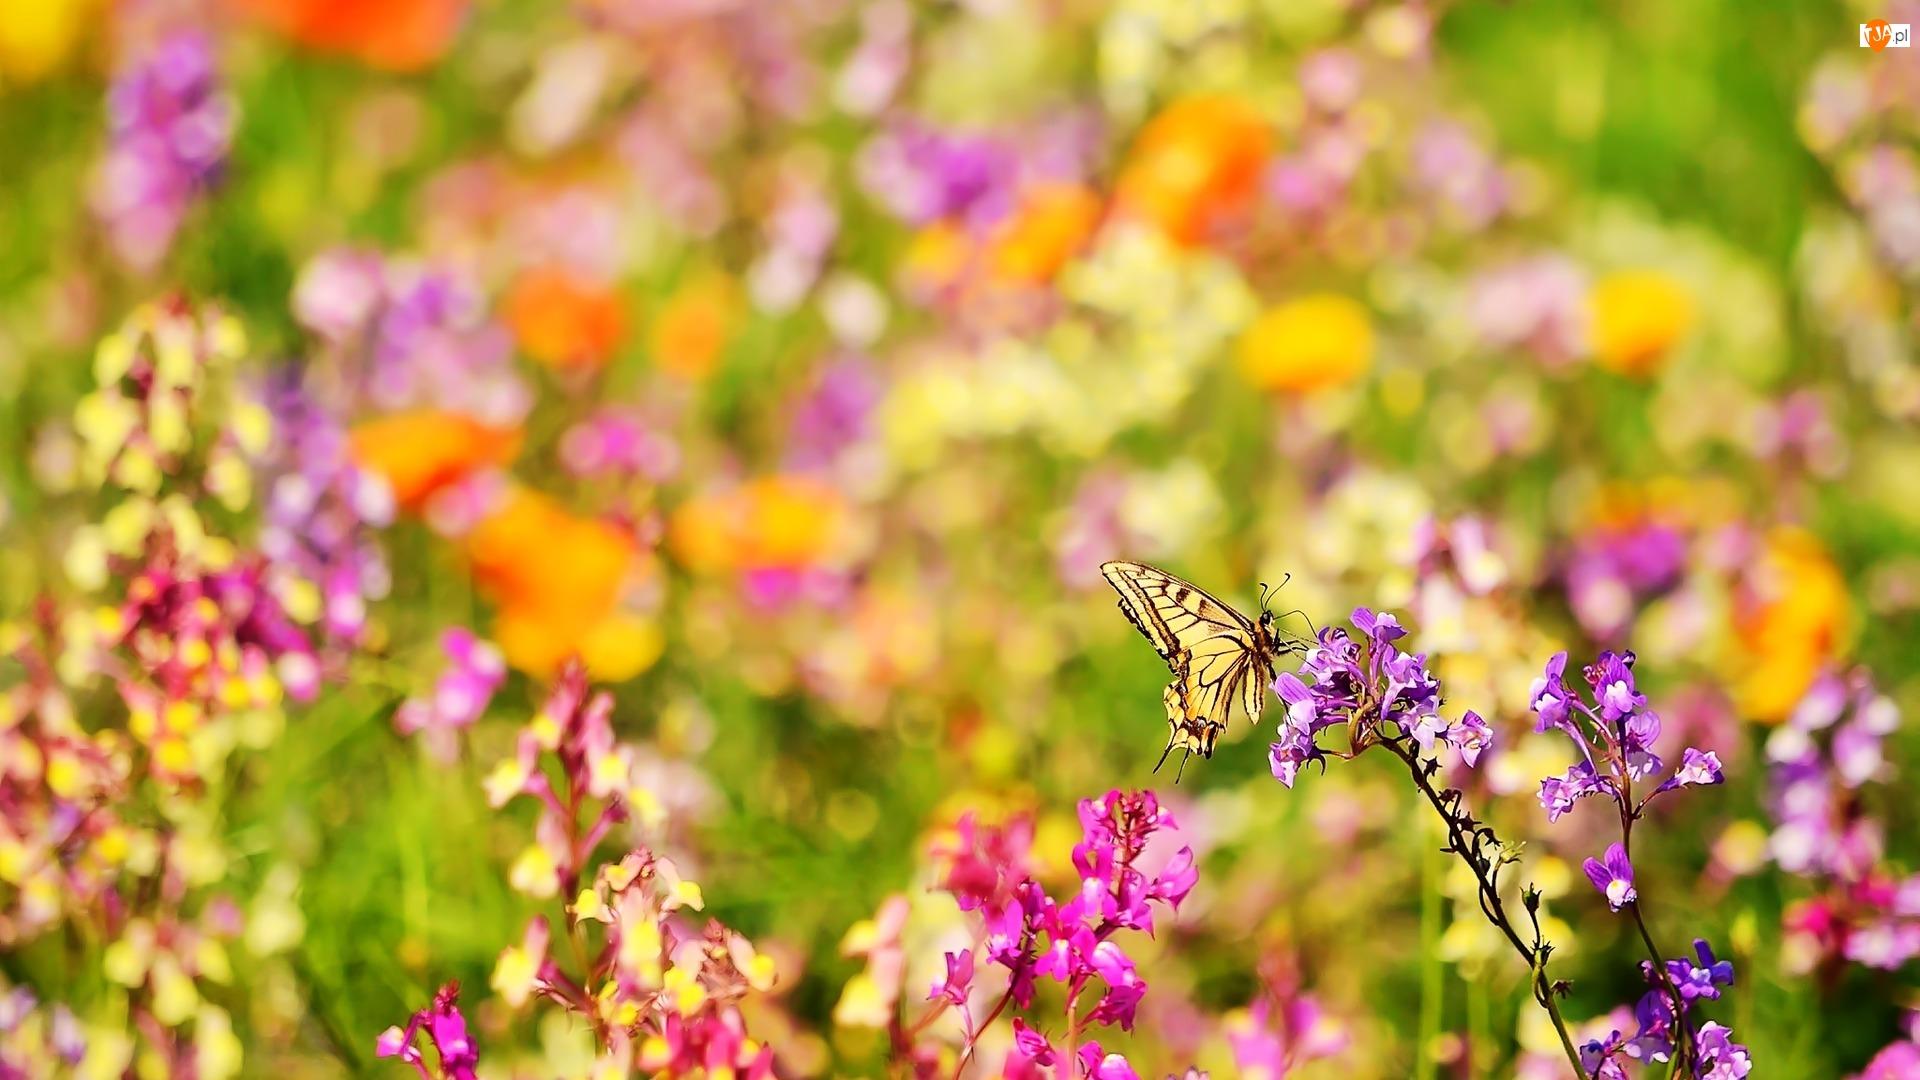 Paź królowej, Kolorowe, Kwiaty, Motyl